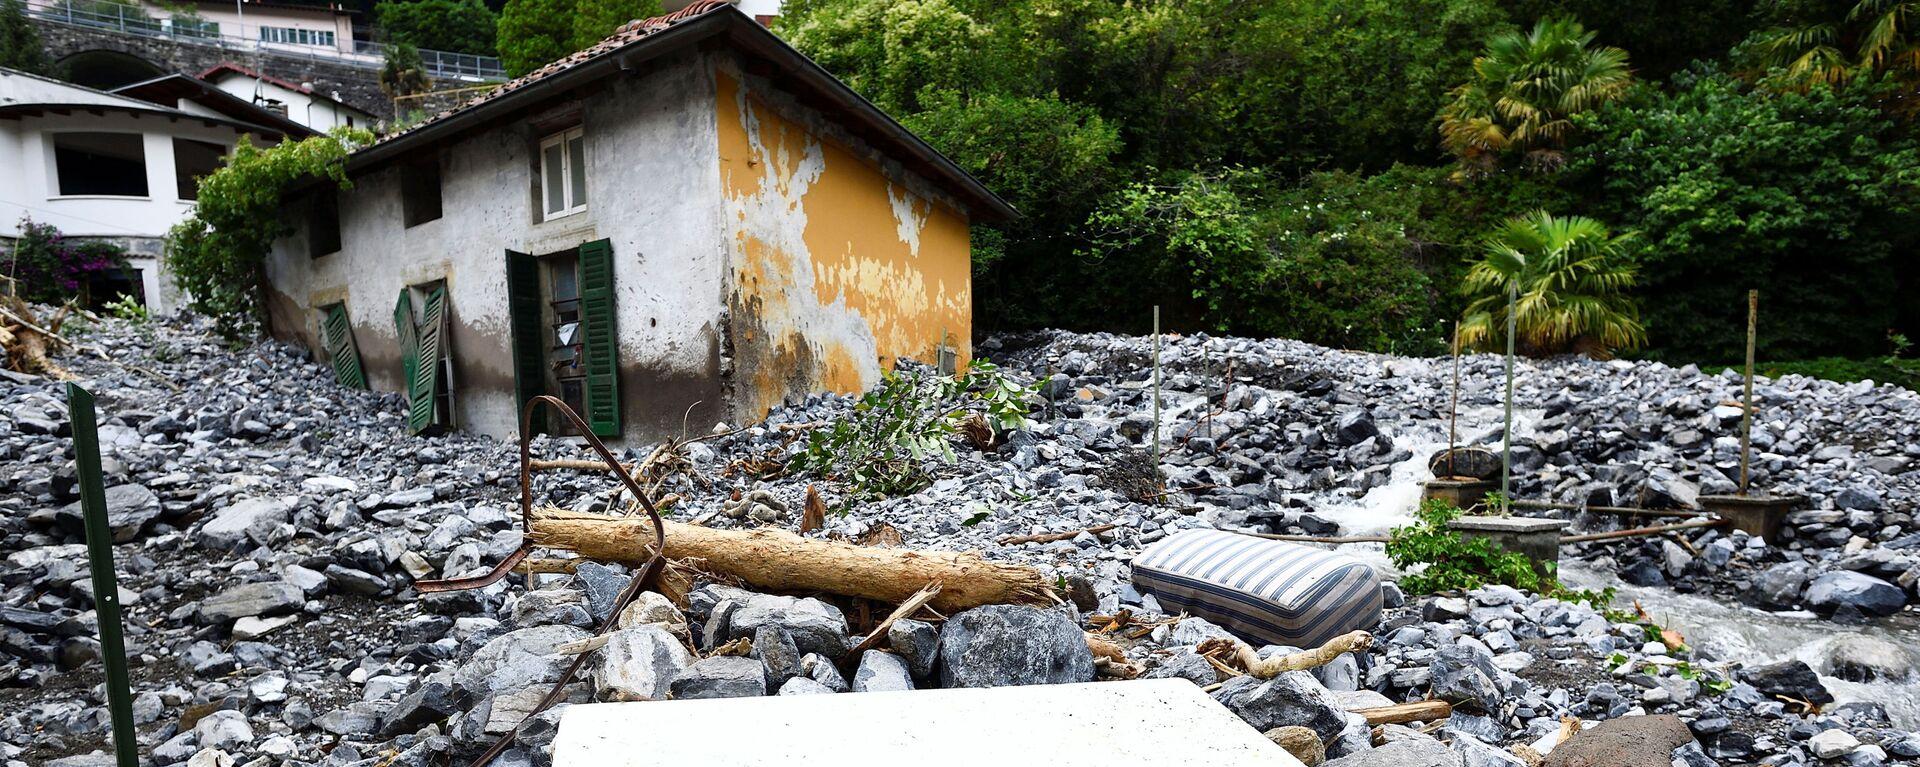 Дом, пострадавший от оползня, после сильного дождя, вызвавшего наводнение, в городах, окружающих озеро Комо на севере Италии, в Лаглио - Sputnik Italia, 1920, 28.07.2021